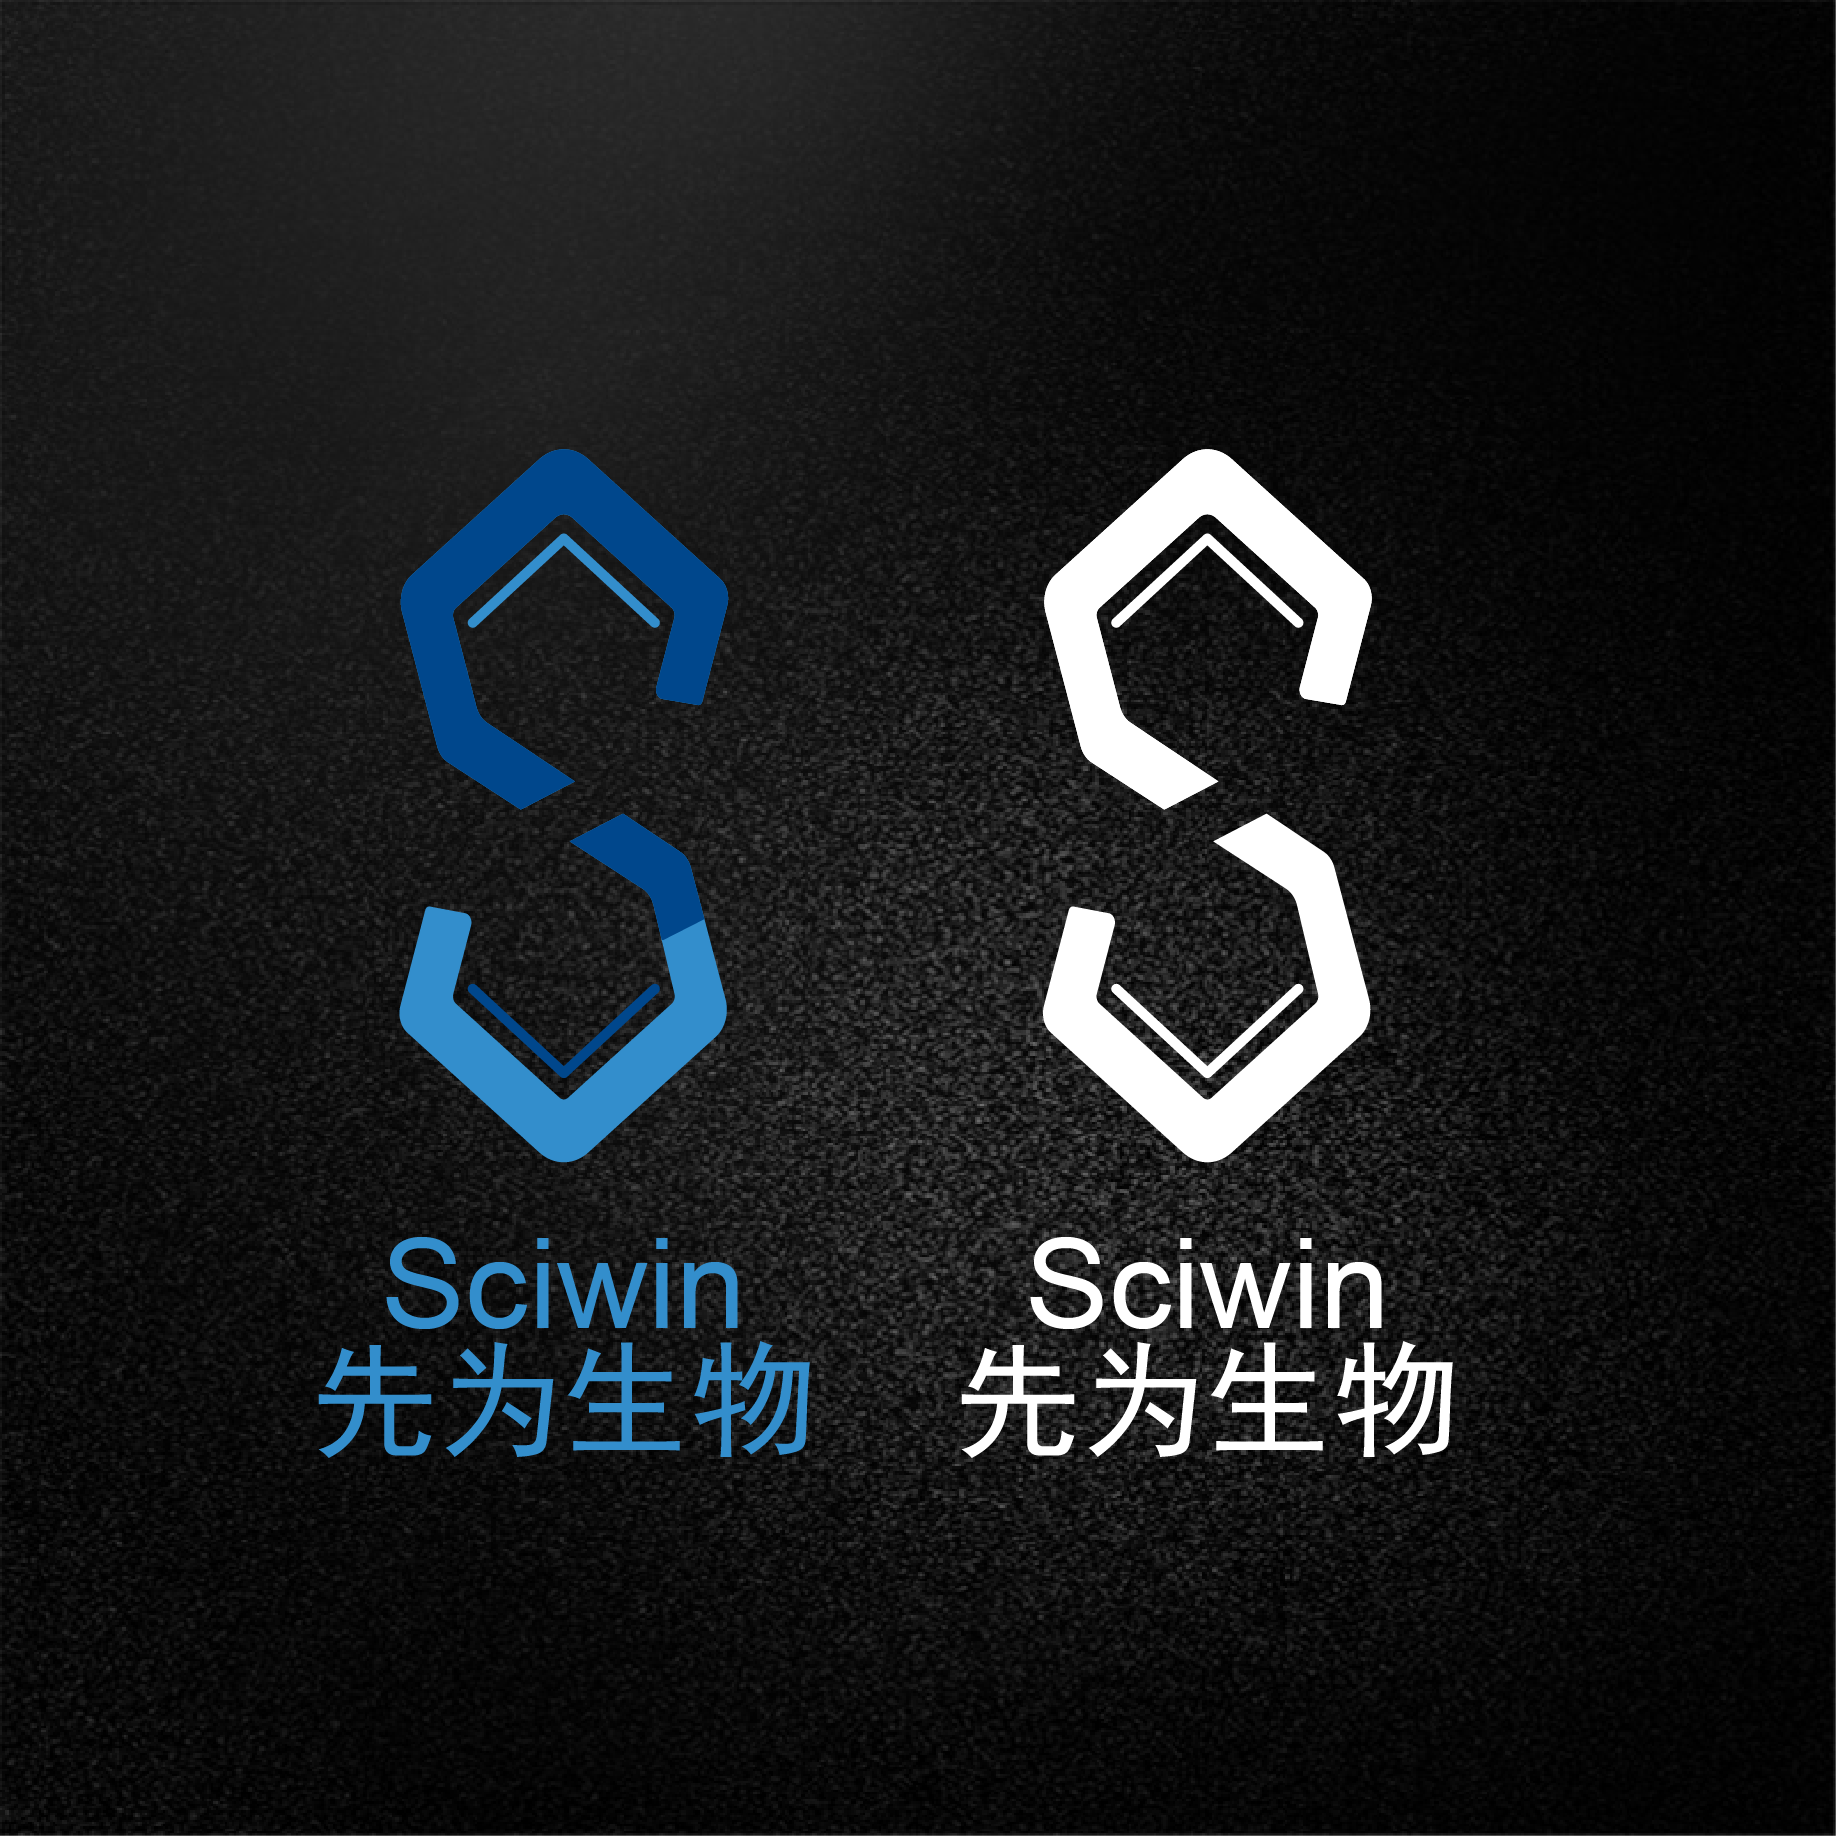 字体logo|标志|平面|于洪昌 - 原创设计作品 - 站酷图片